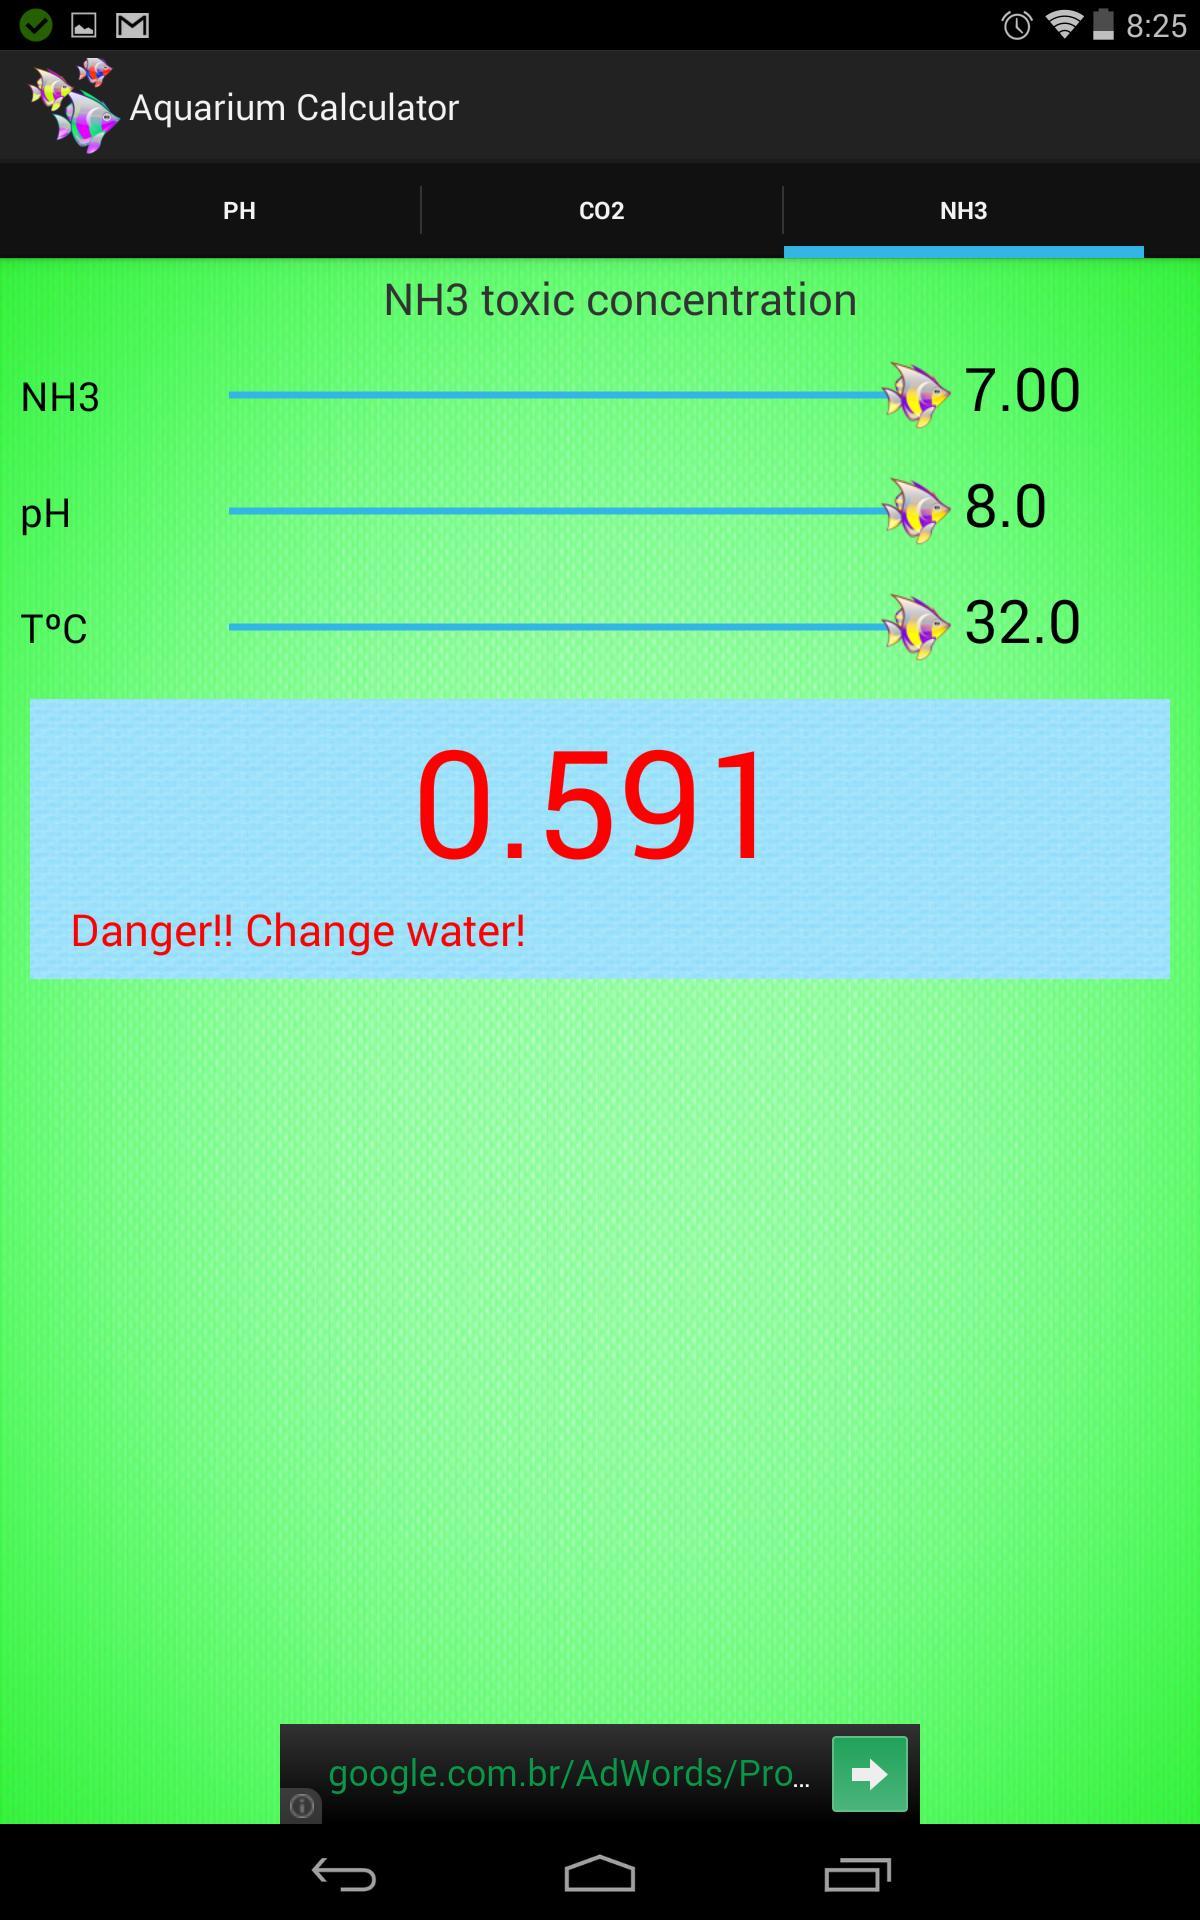 Aquarium Calculator for Android - APK Download